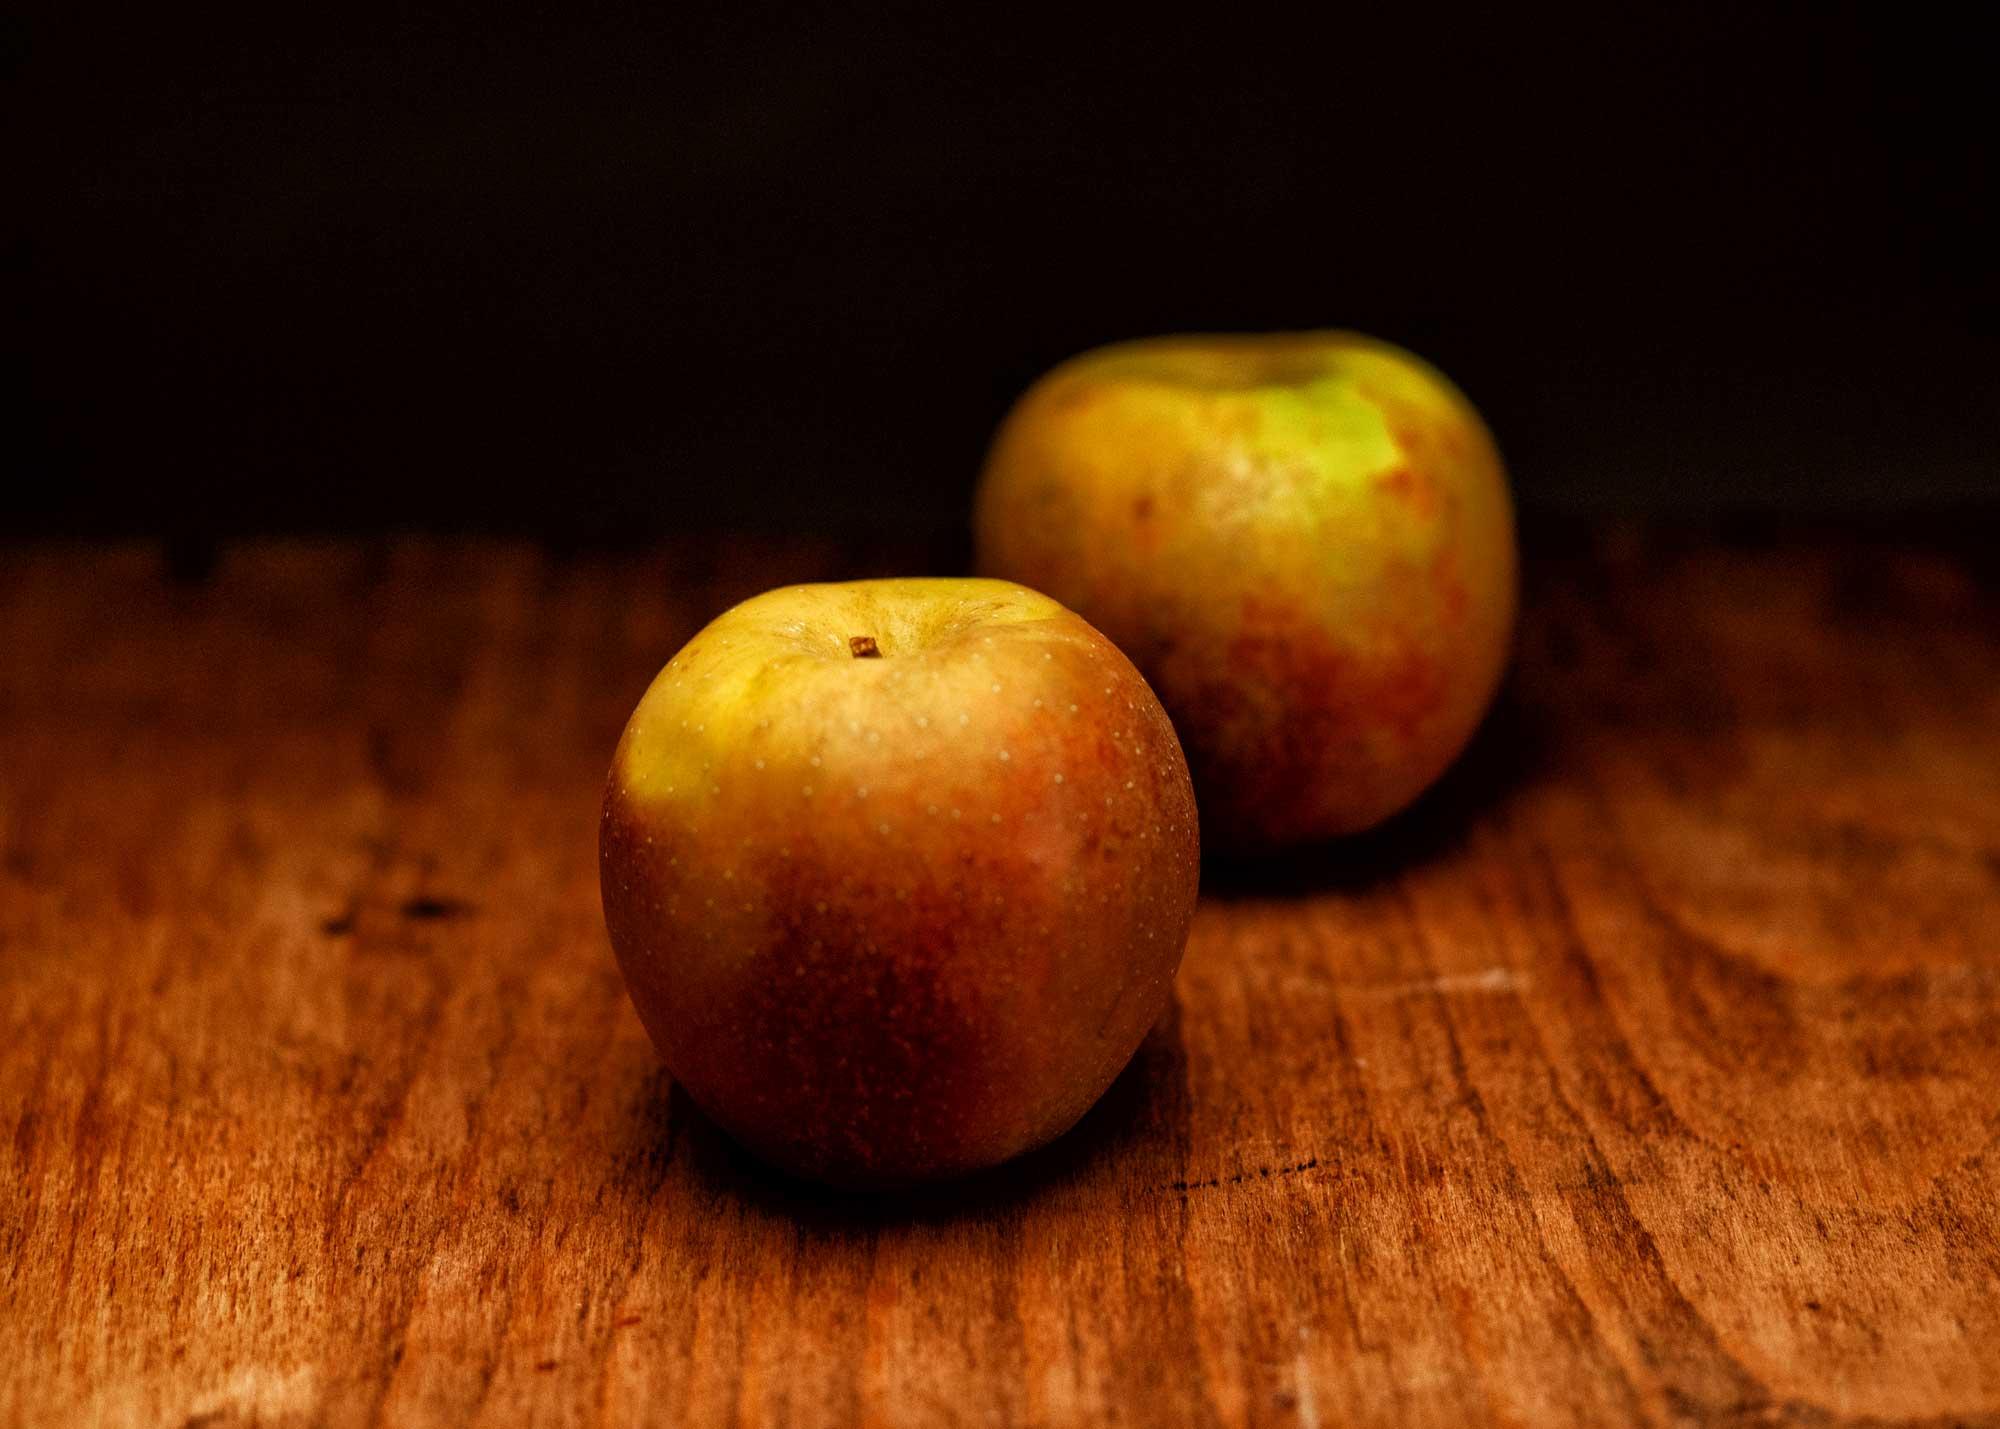 Die Äpfel für unsere Version von Himmel und Erde